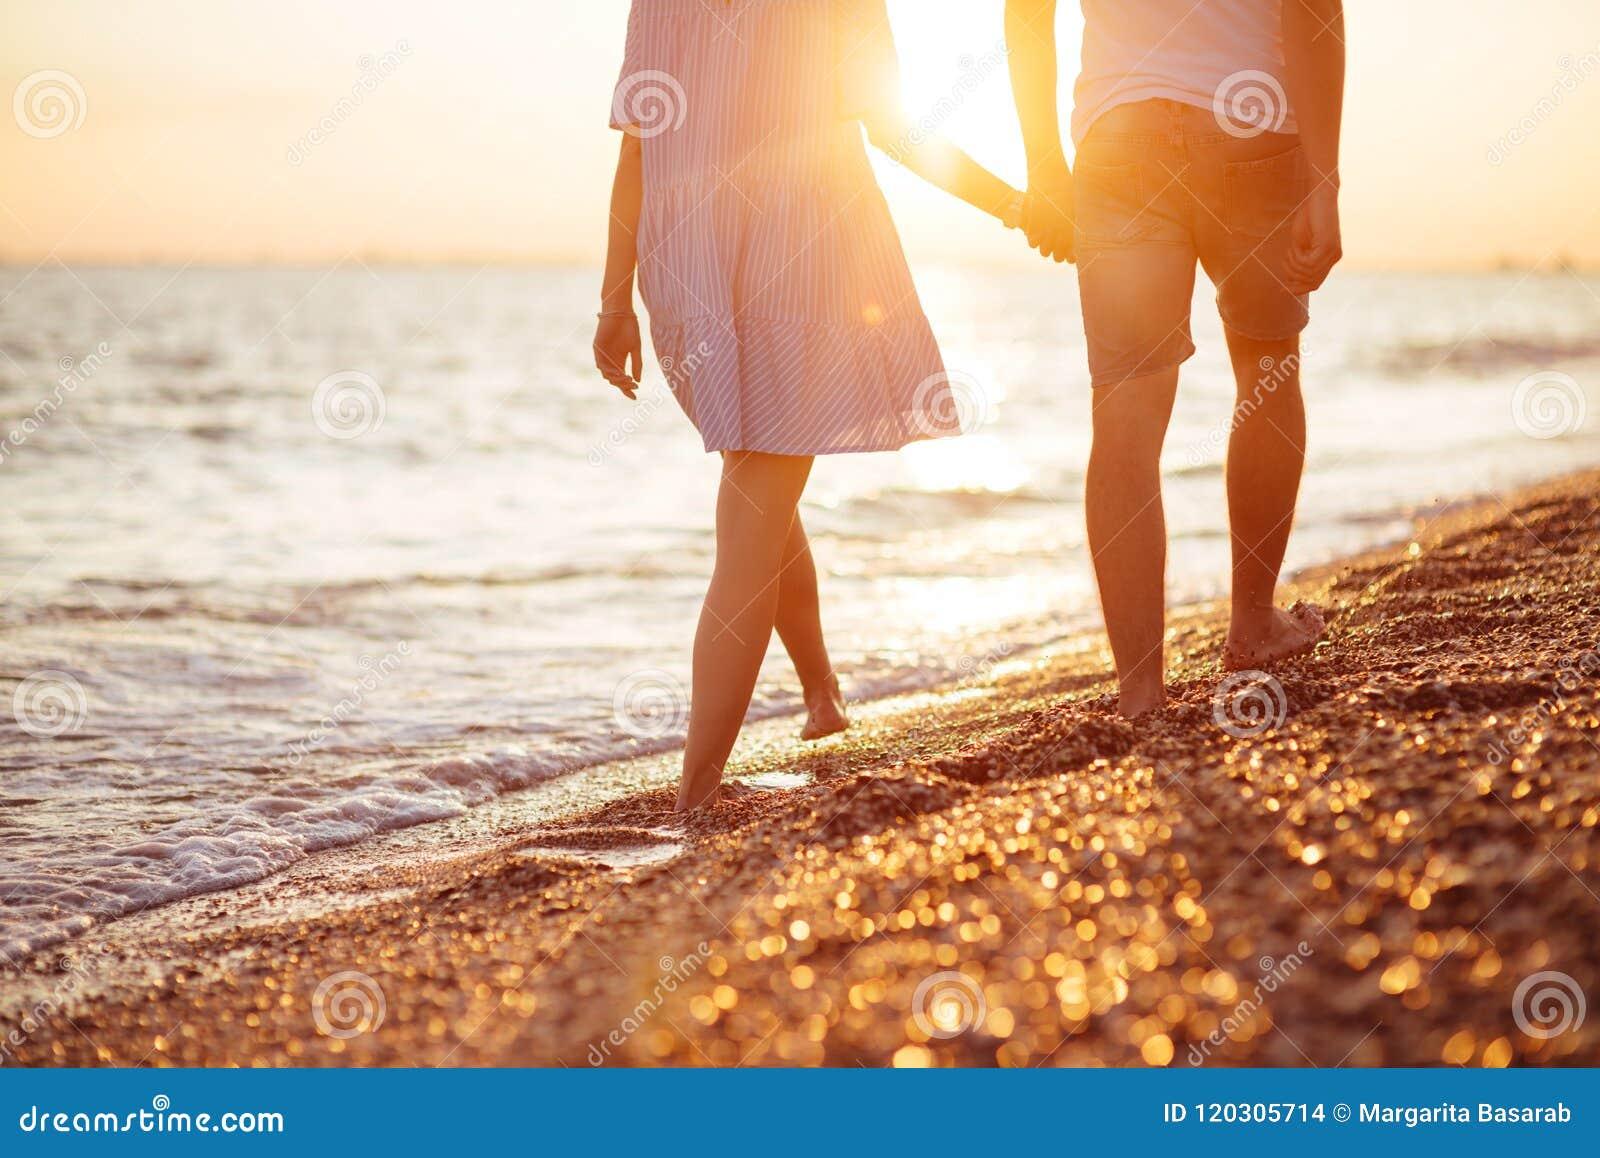 Jong gelukkig paar op kust